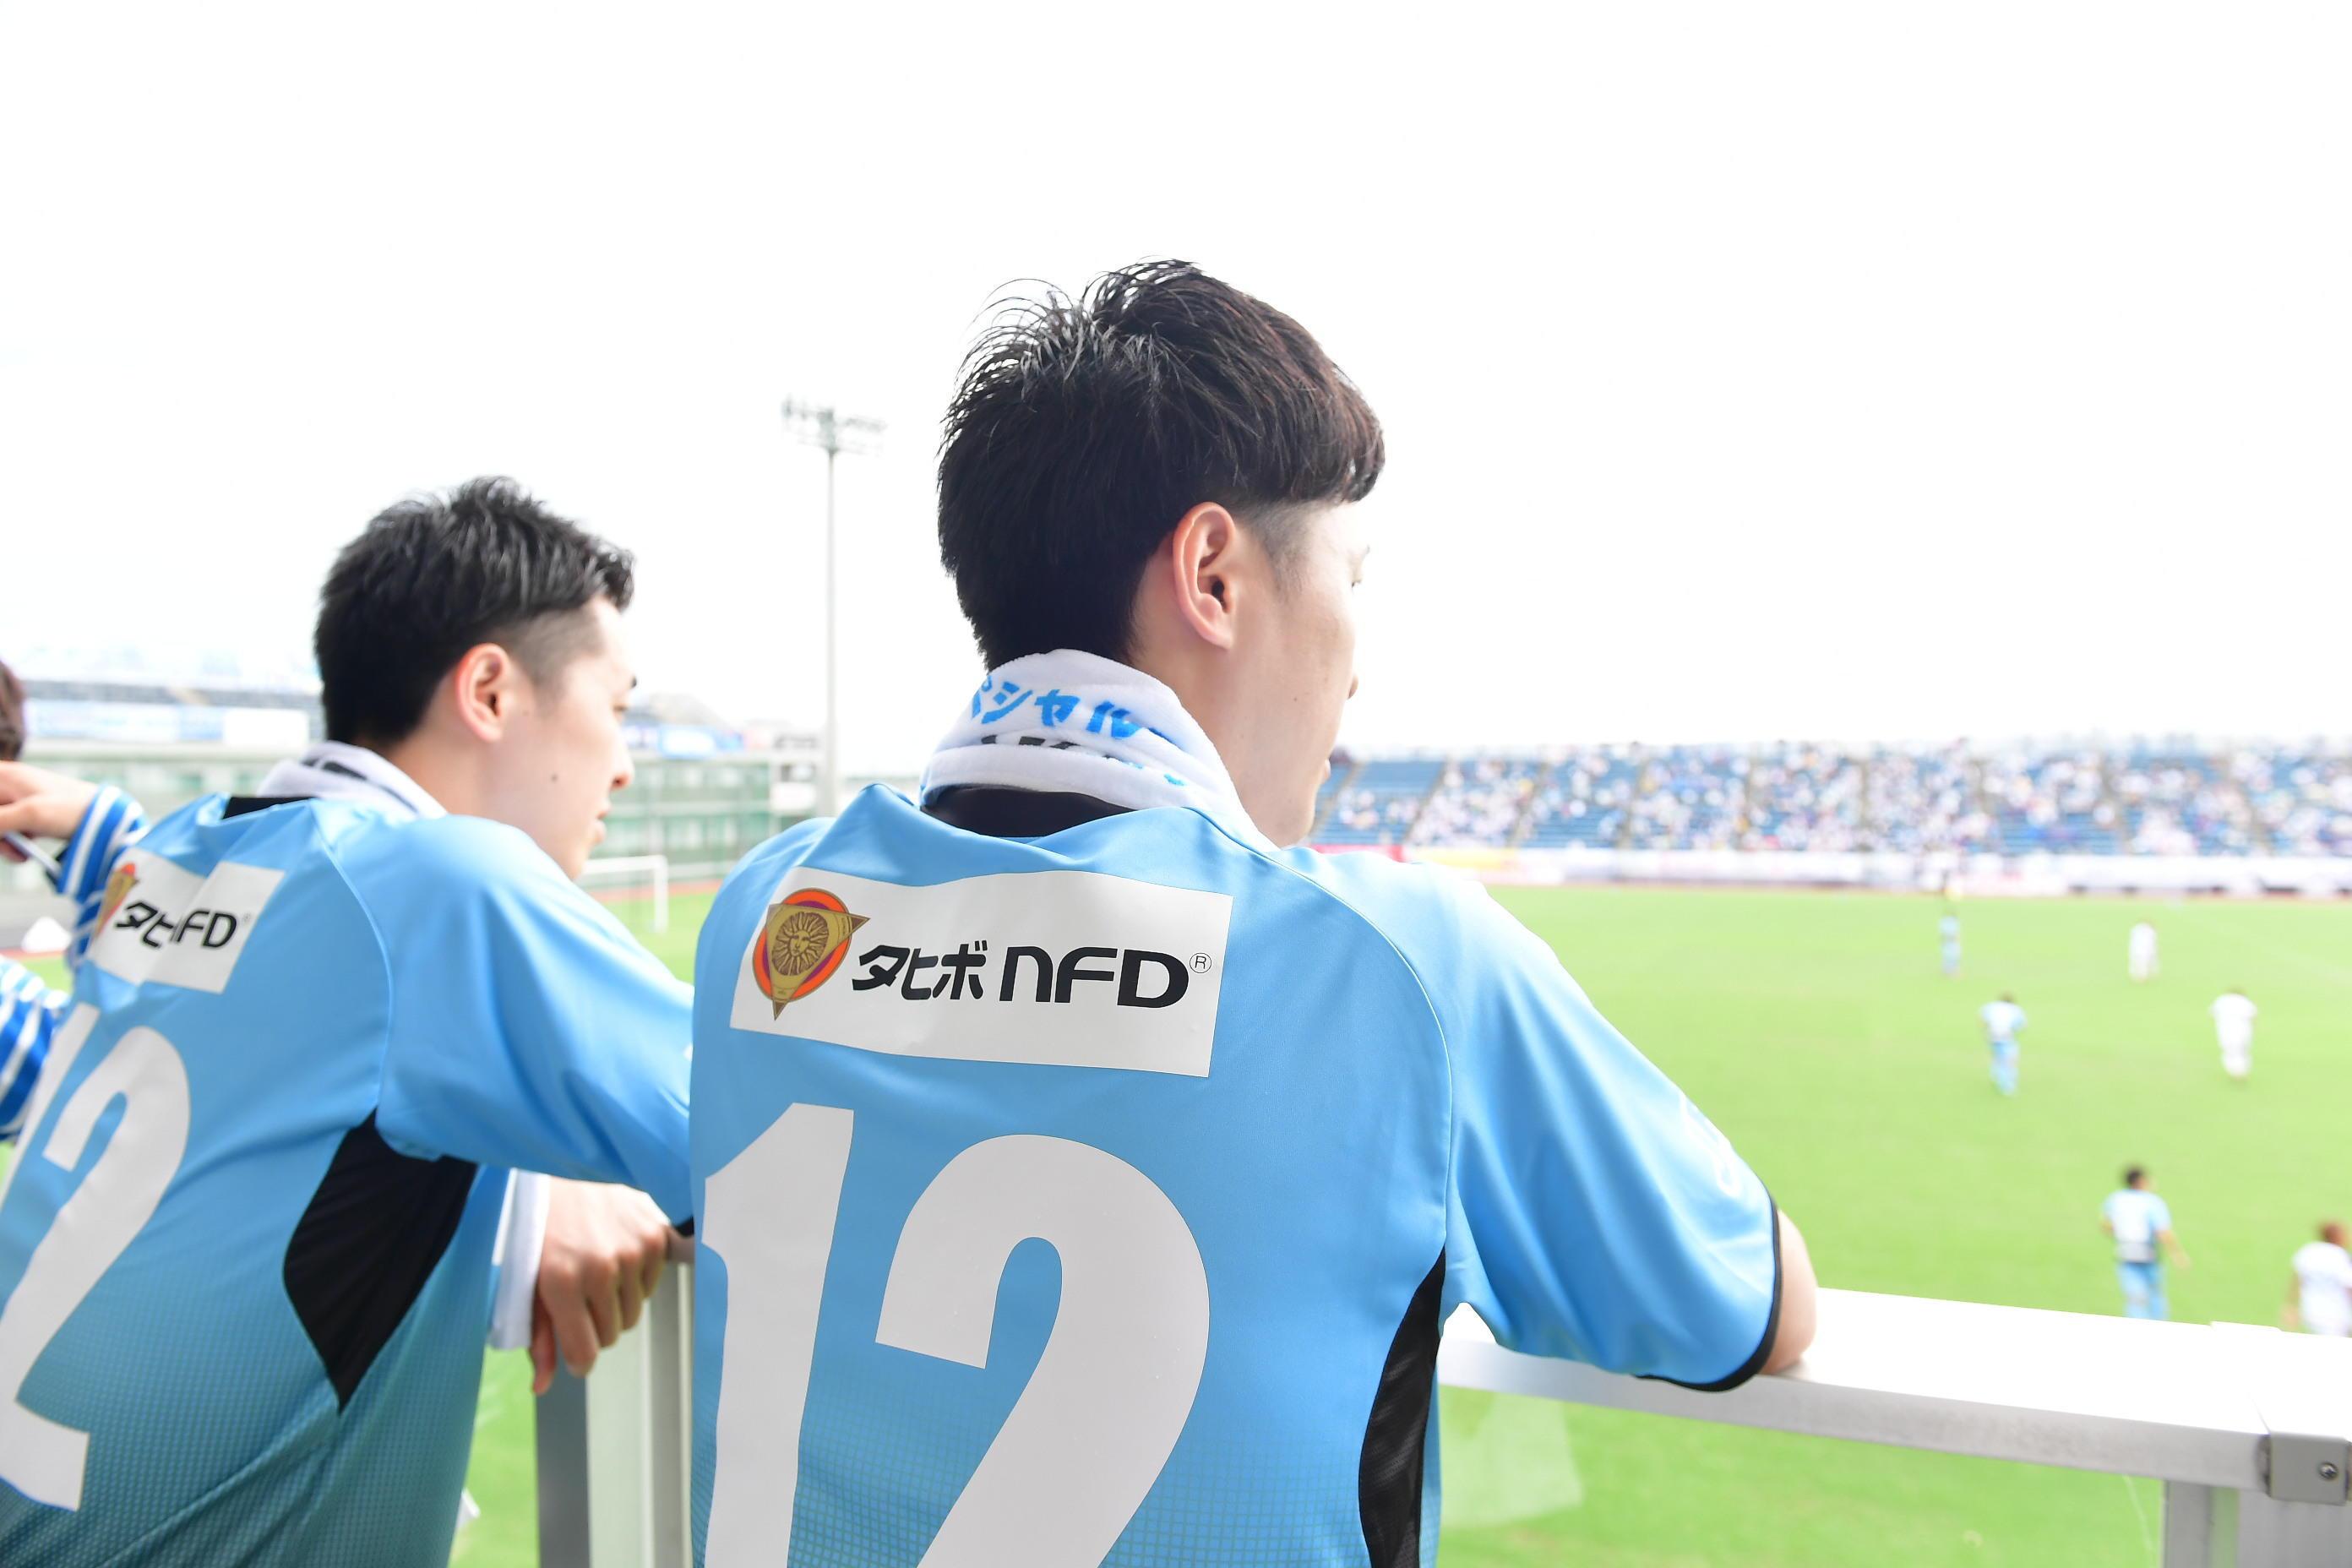 http://news.yoshimoto.co.jp/20180729204913-6f24c09901e02b9c3bb7e4521e50533e495e421d.jpg